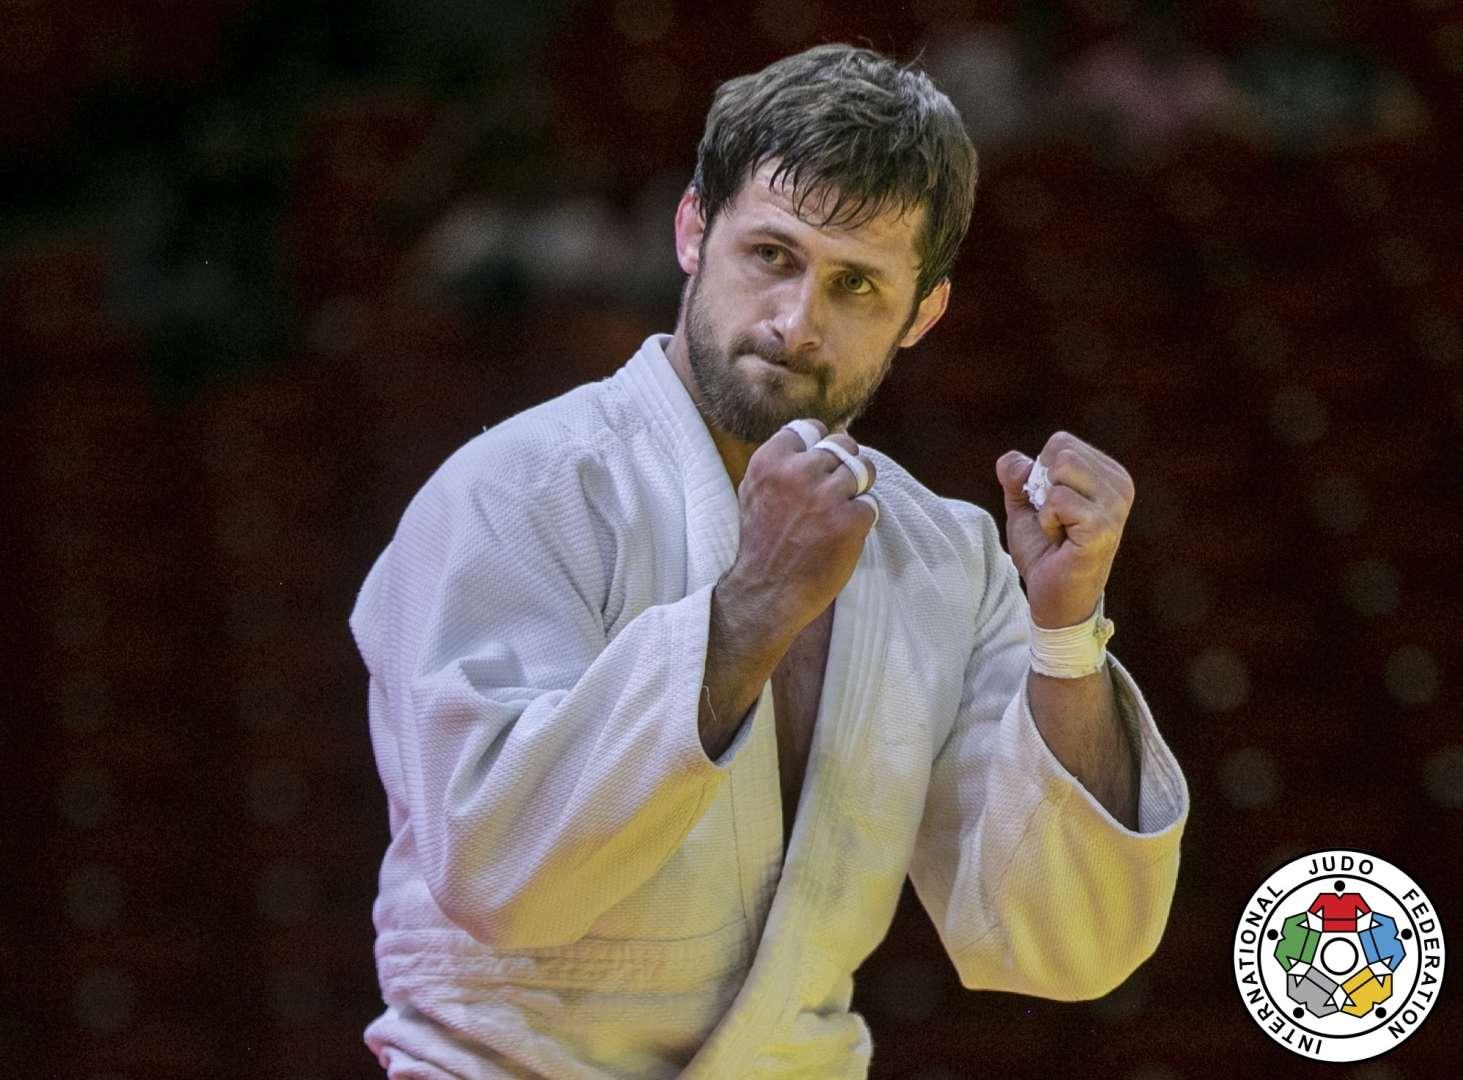 Kukolj wins silver!